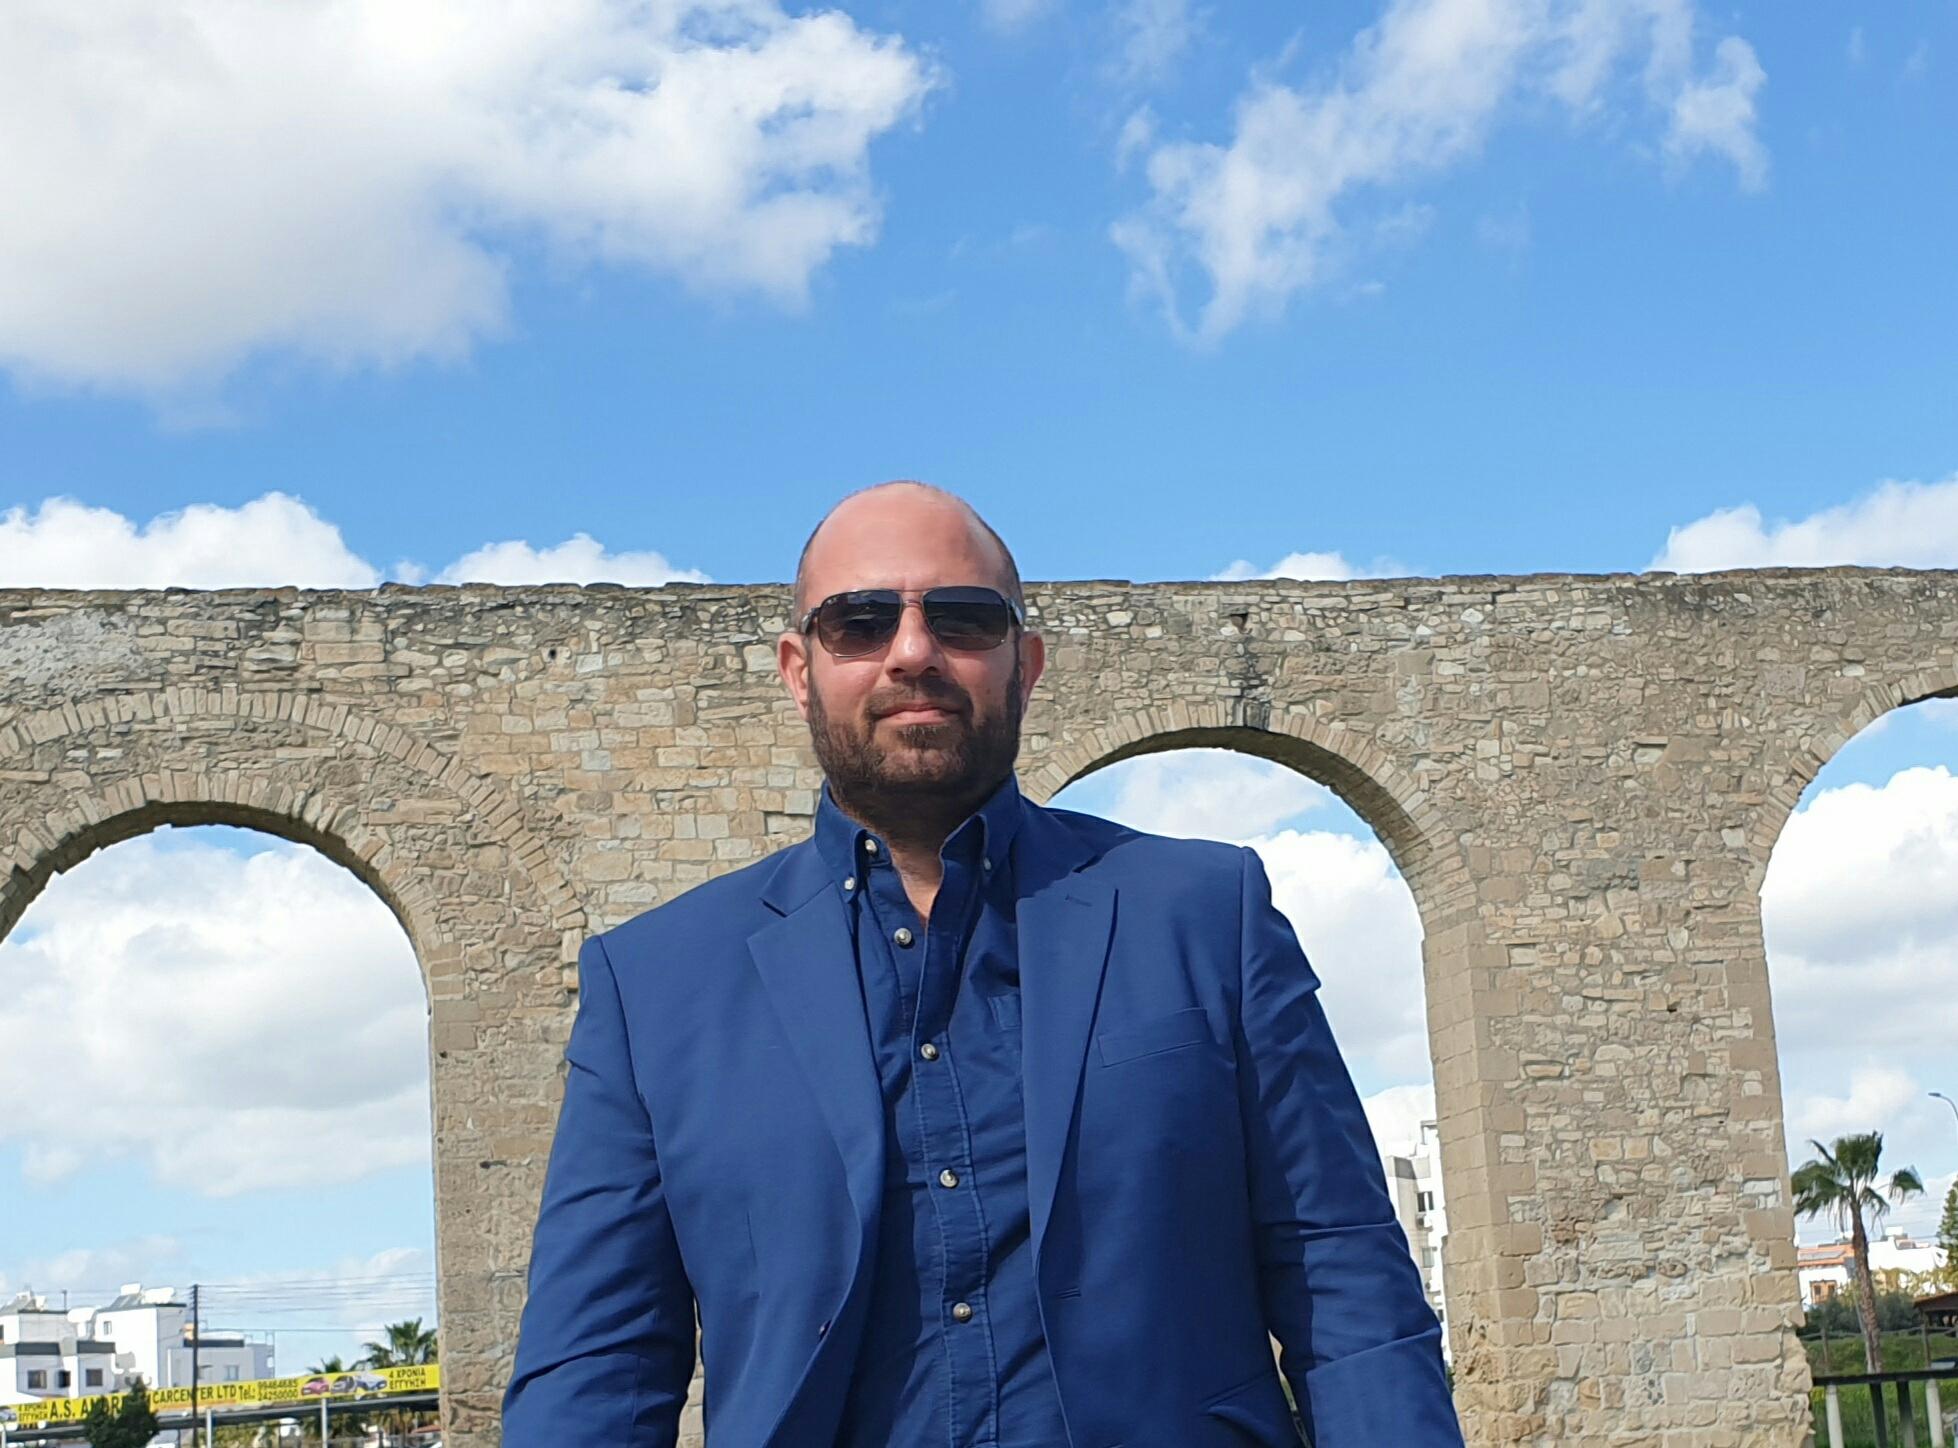 Συνέντευξη Ντίνου Σκεπαρνίδη: Η πολιτική έχει ταυτιστεί με το ρουσφέτι και την κουμπαροκρατία